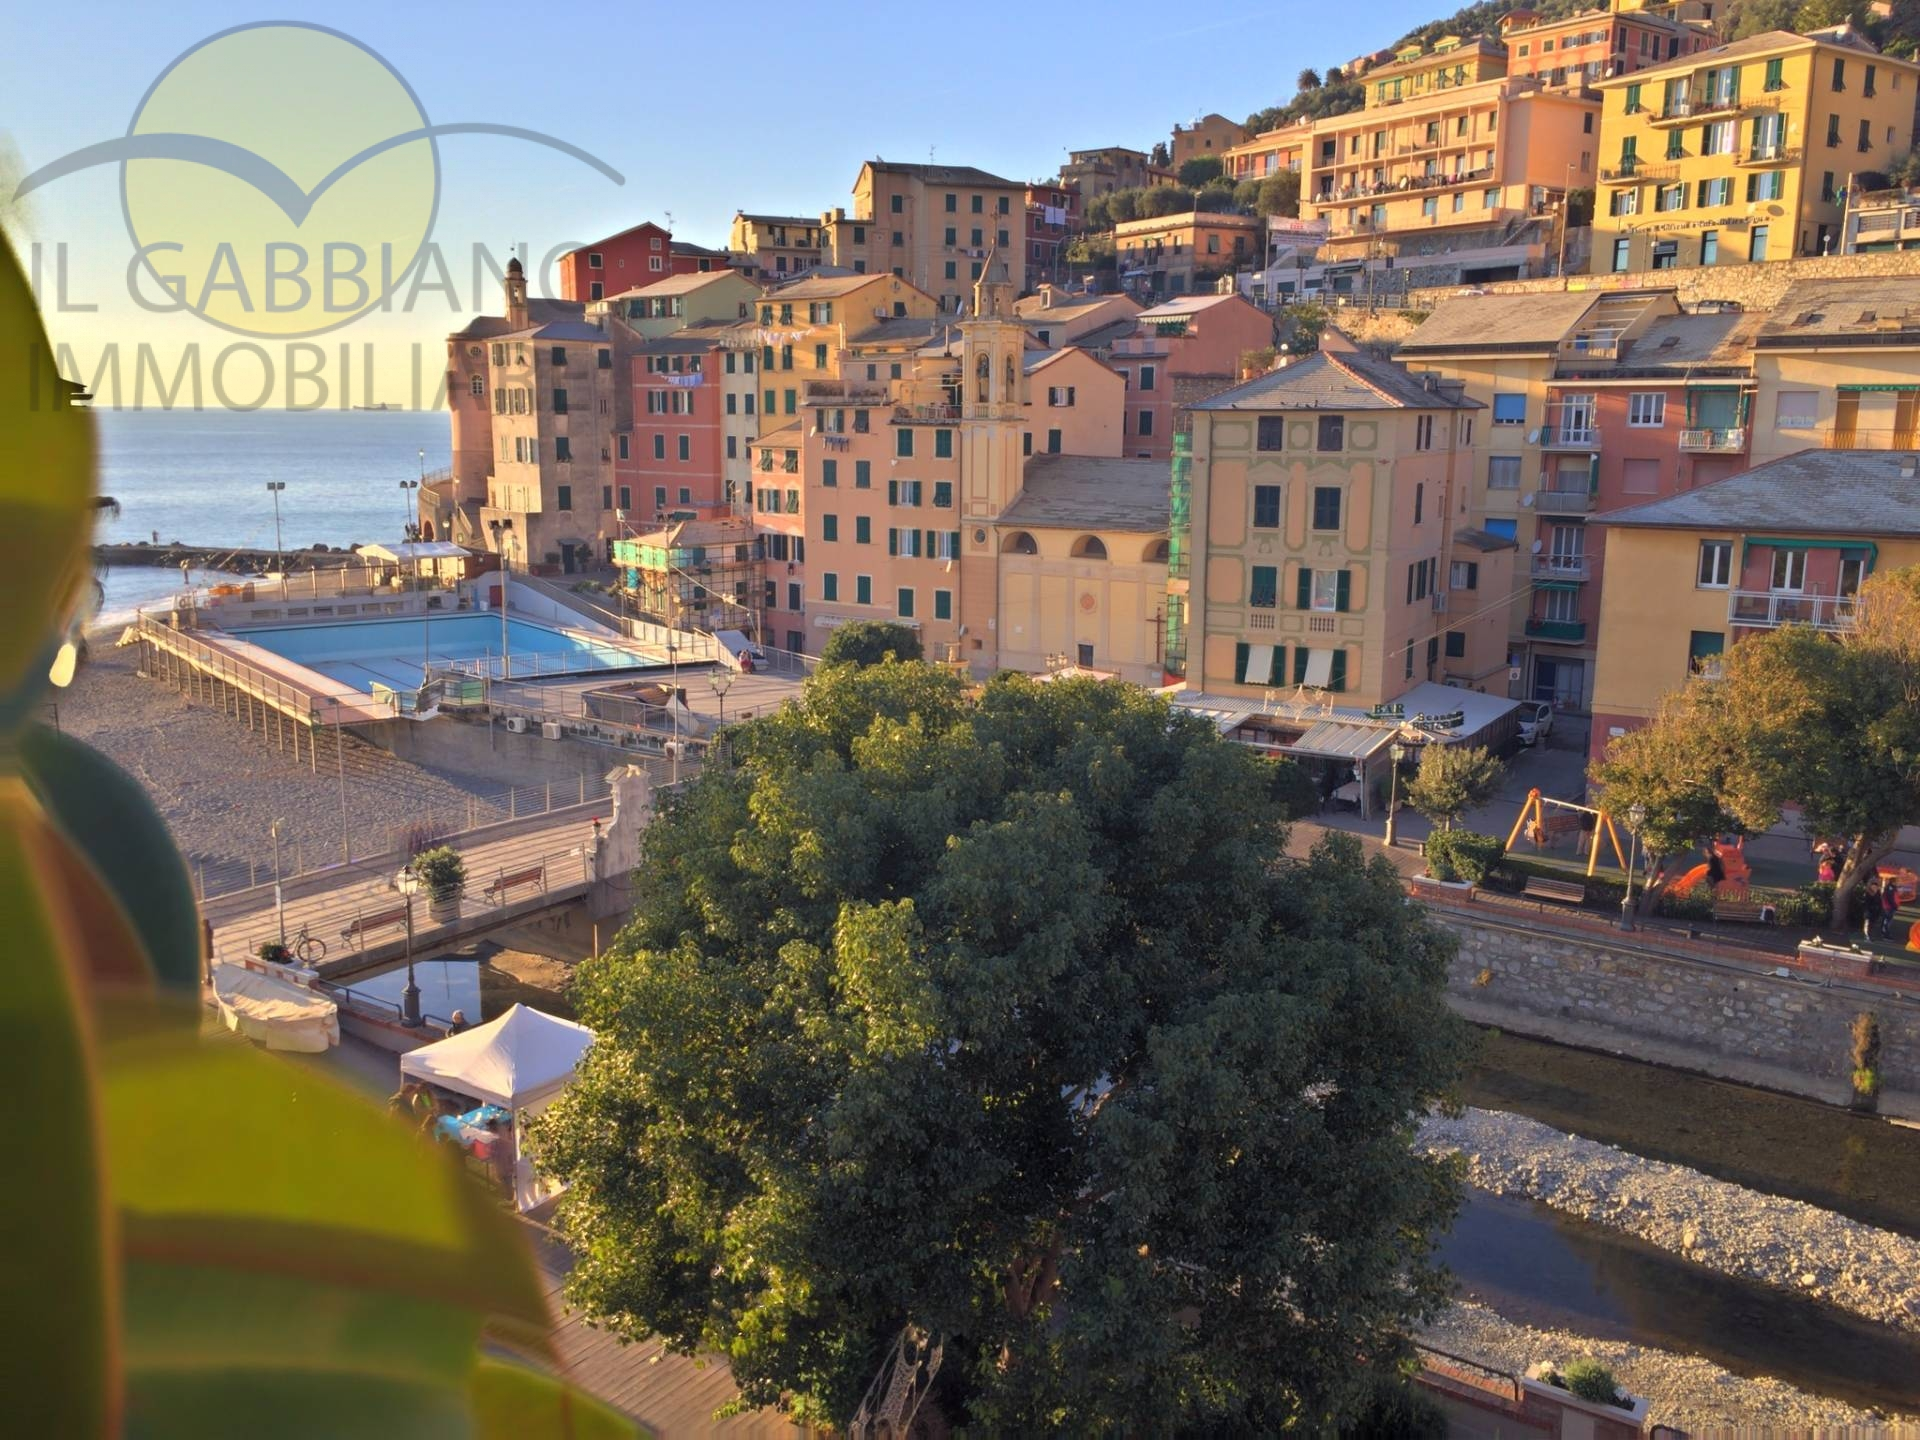 Appartamento in vendita a Sori, 5 locali, zona Località: centro, prezzo € 470.000 | CambioCasa.it